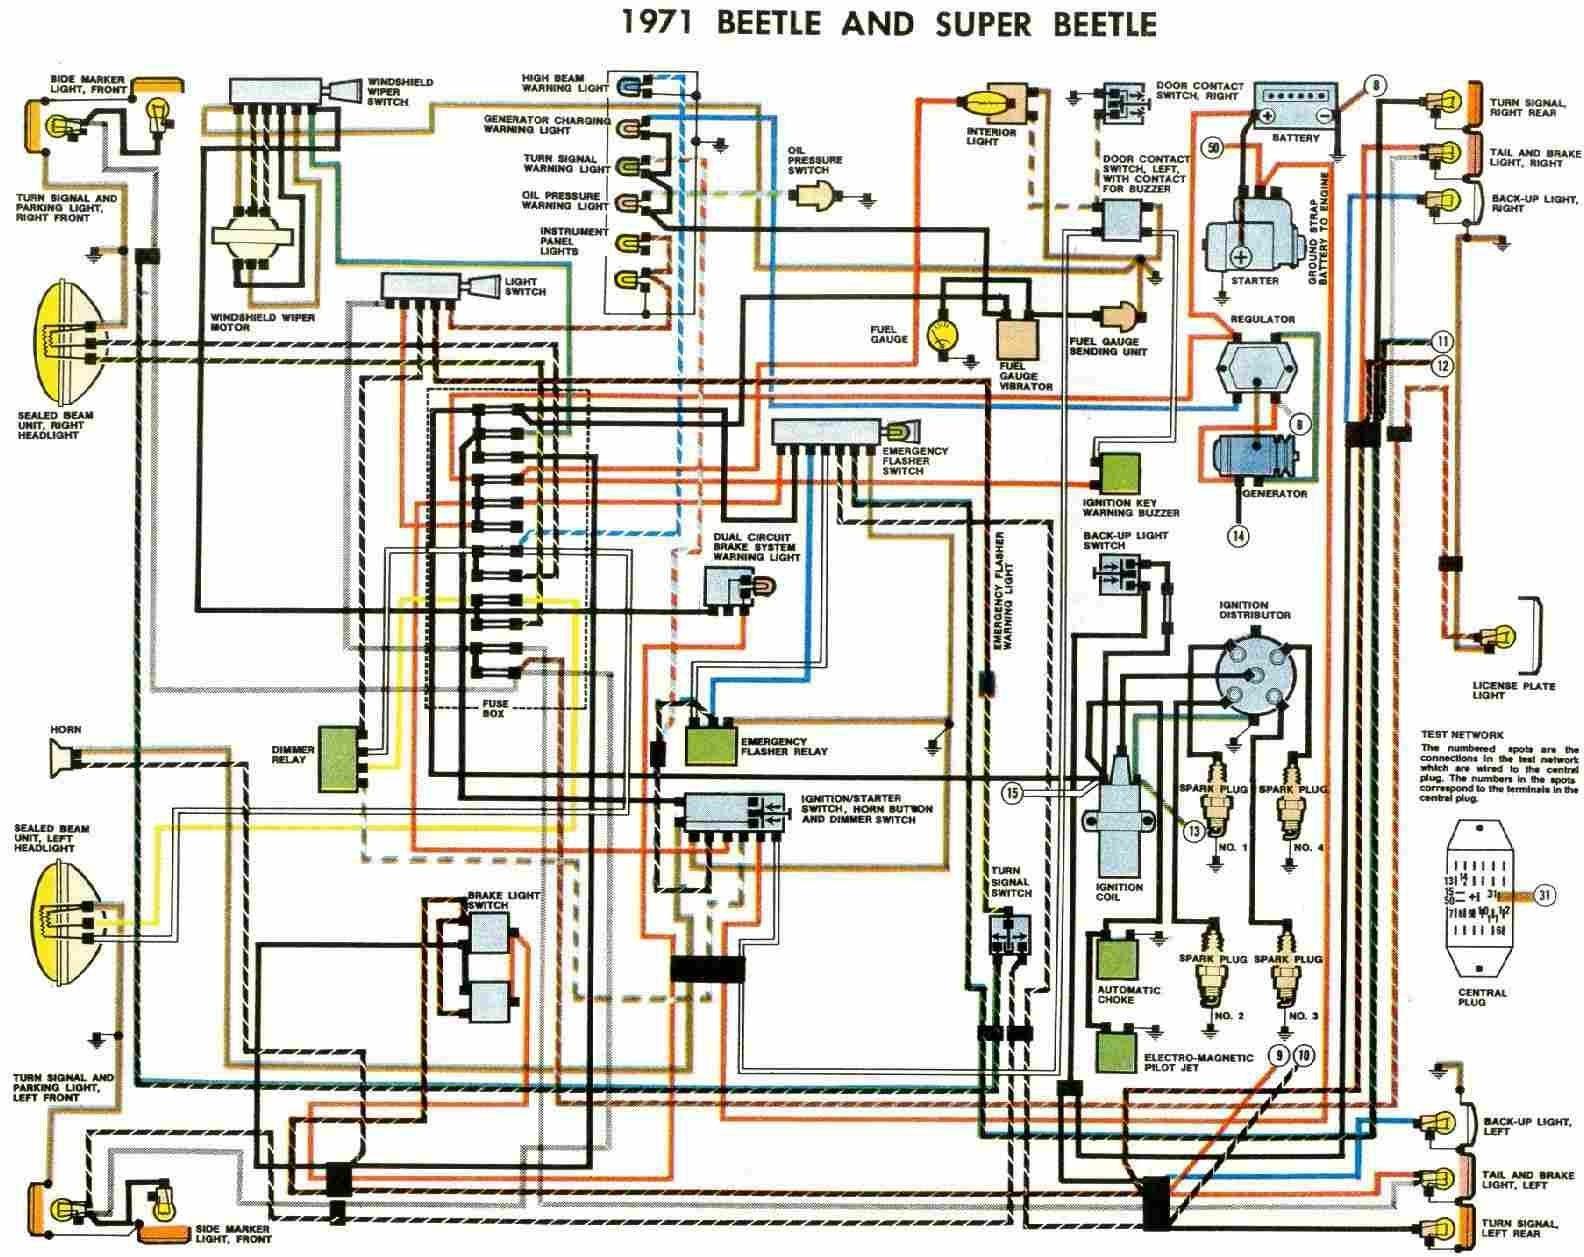 Vw Type 1 Engine Diagram Free Auto Wiring Diagram 1971 Vw Beetle and Super Beetle Of Vw Type 1 Engine Diagram